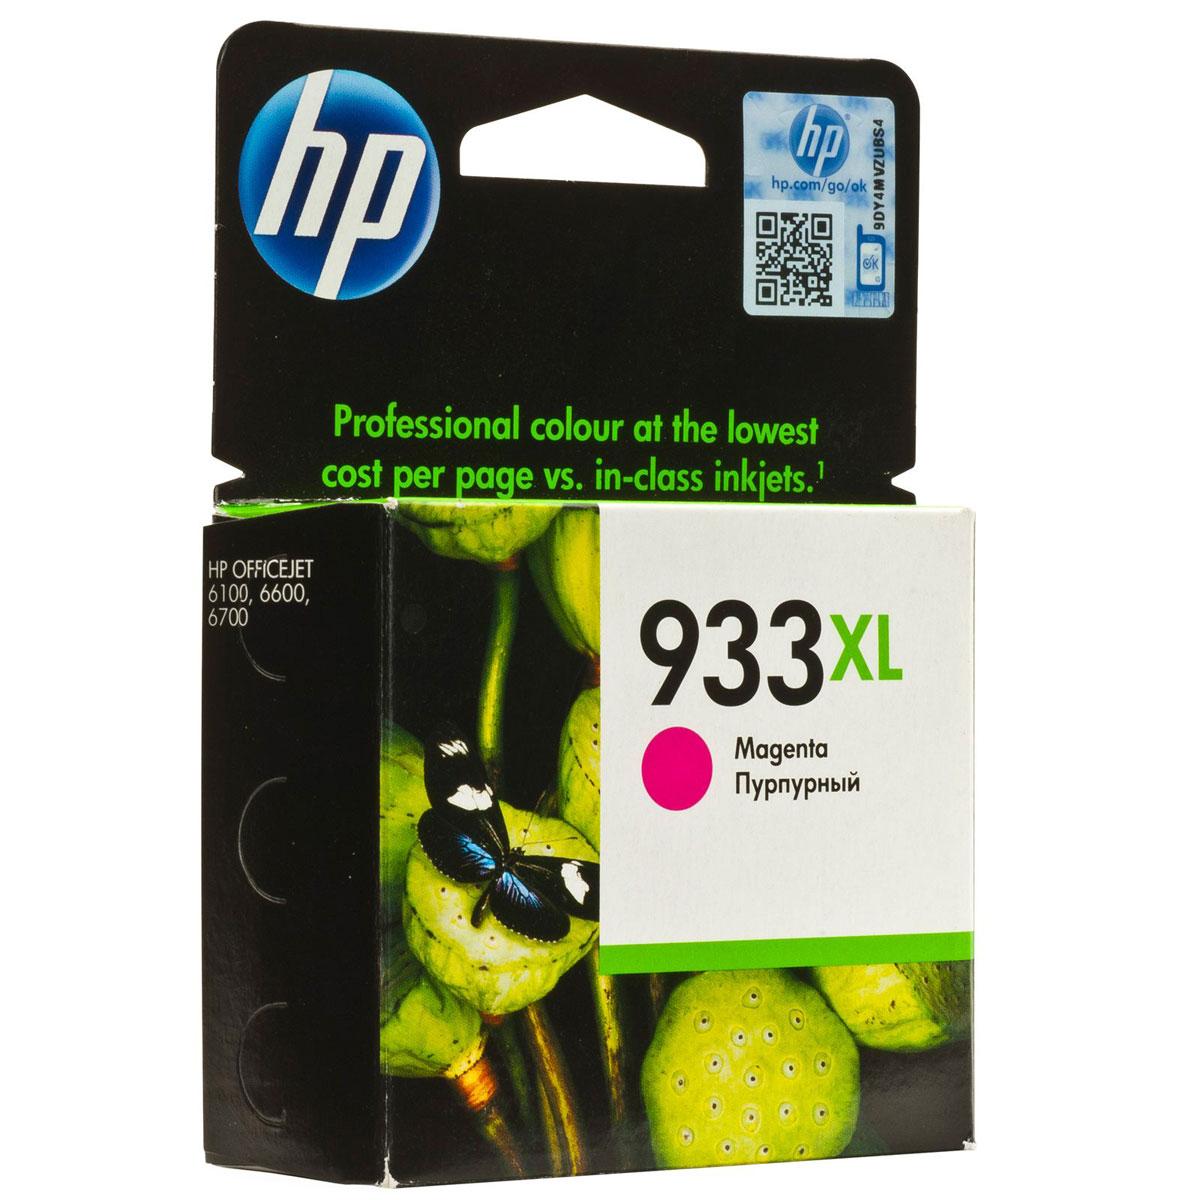 Cartouche imprimante HP Officejet 933XL Magenta - CN055AE Cartouche d'encre magenta